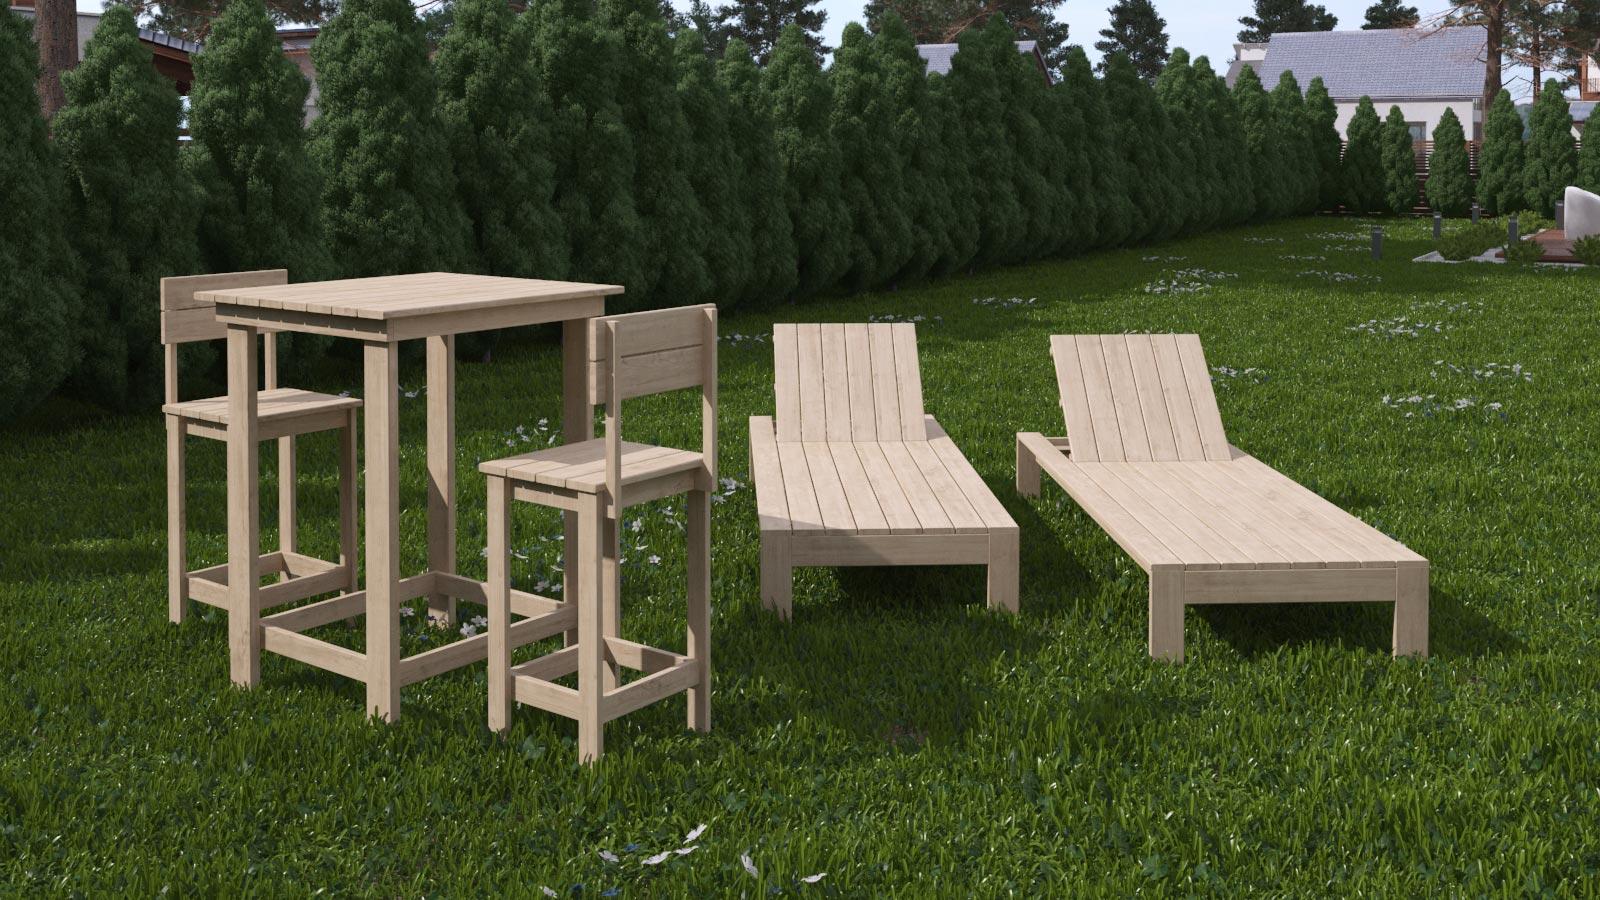 Mobili per giardino rendering for Rendering giardino